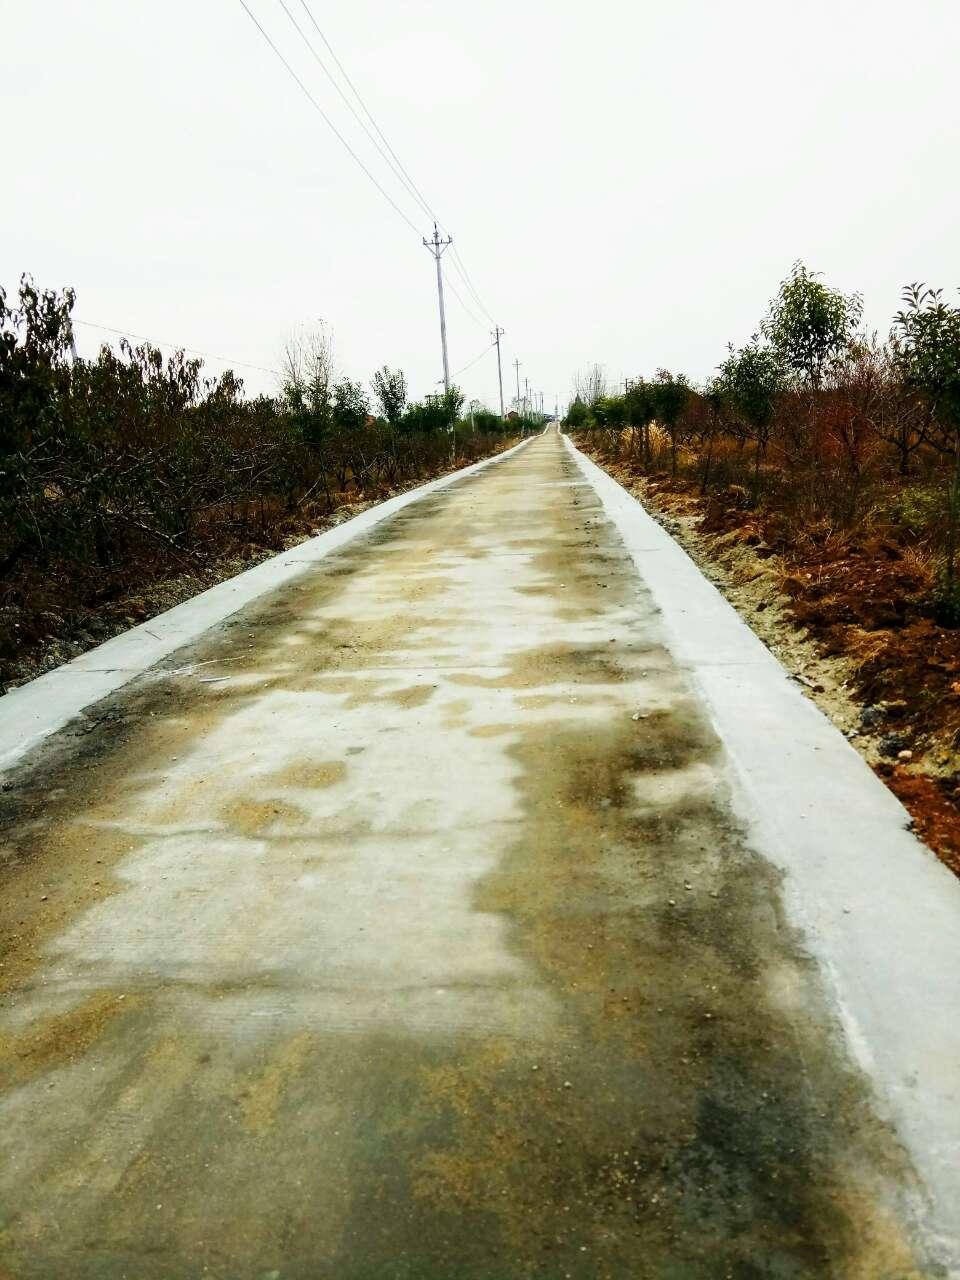 唐鎮至華寶山風景區公路全線擴寬與部分翻修正在進行時